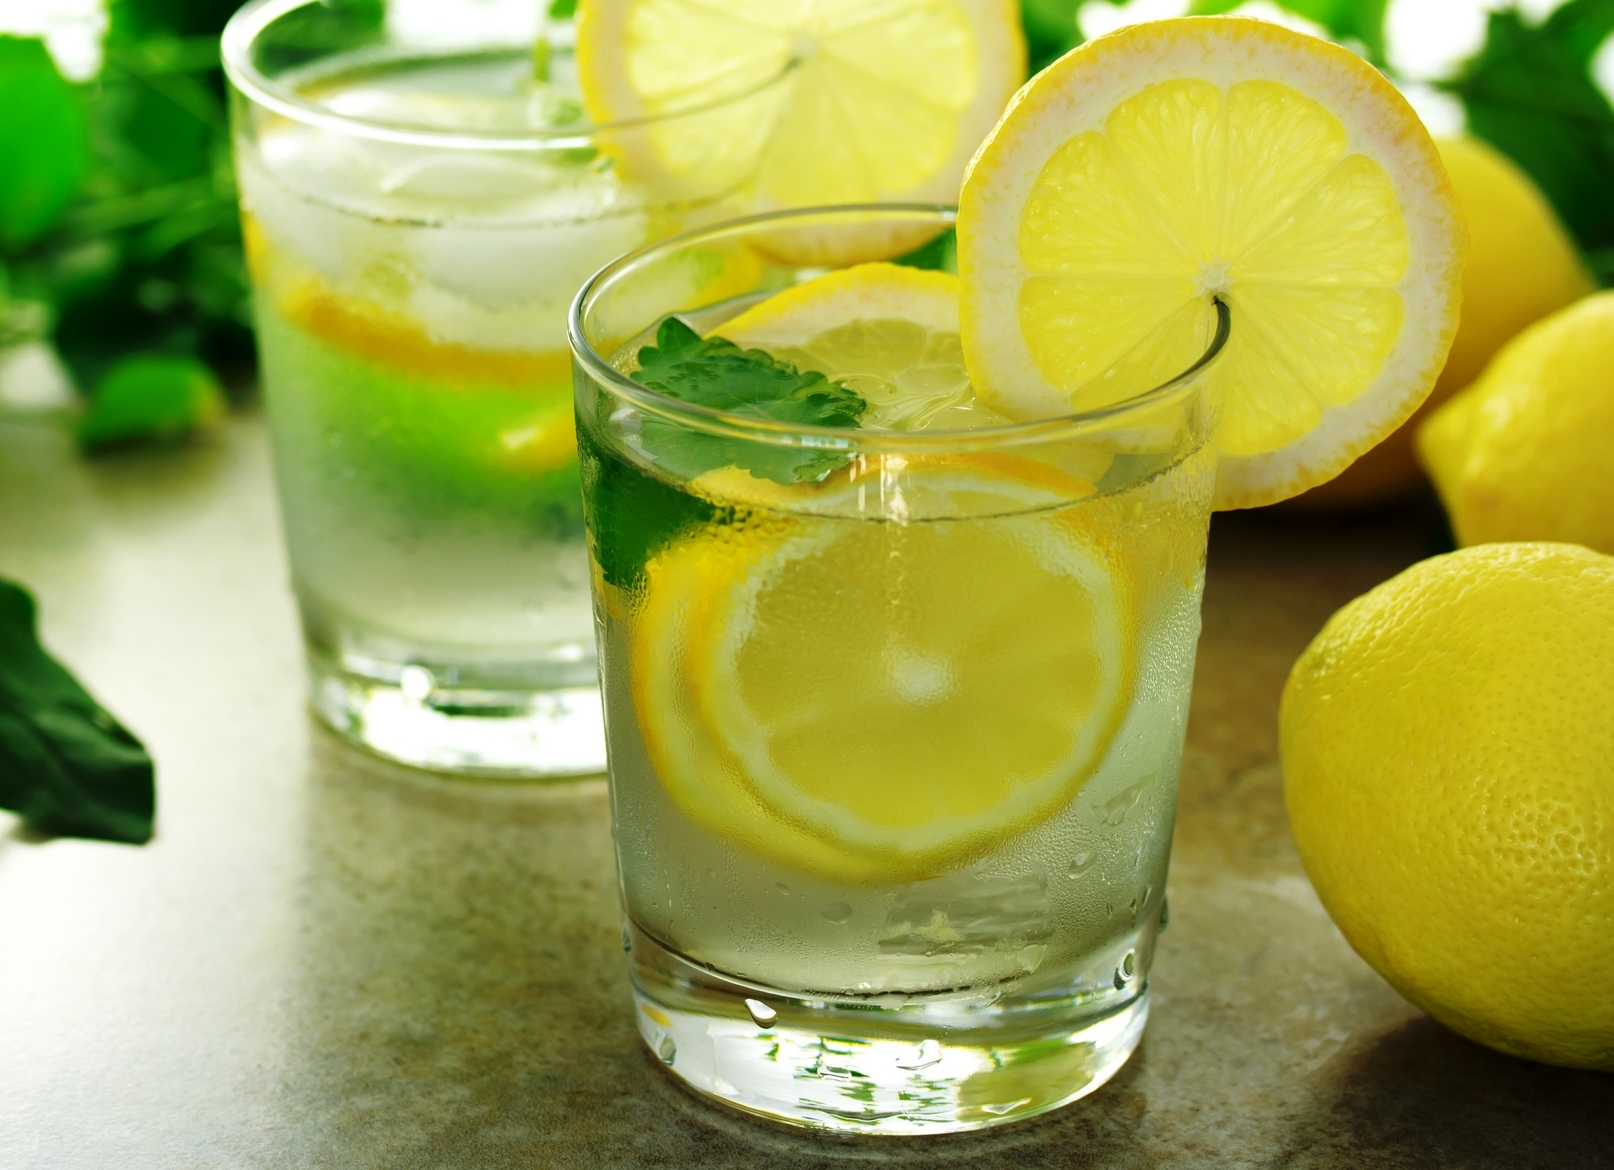 صورة مشروبات للتخسيس السريع، التخلص من الوزن الزائد بسرعه وسهوله